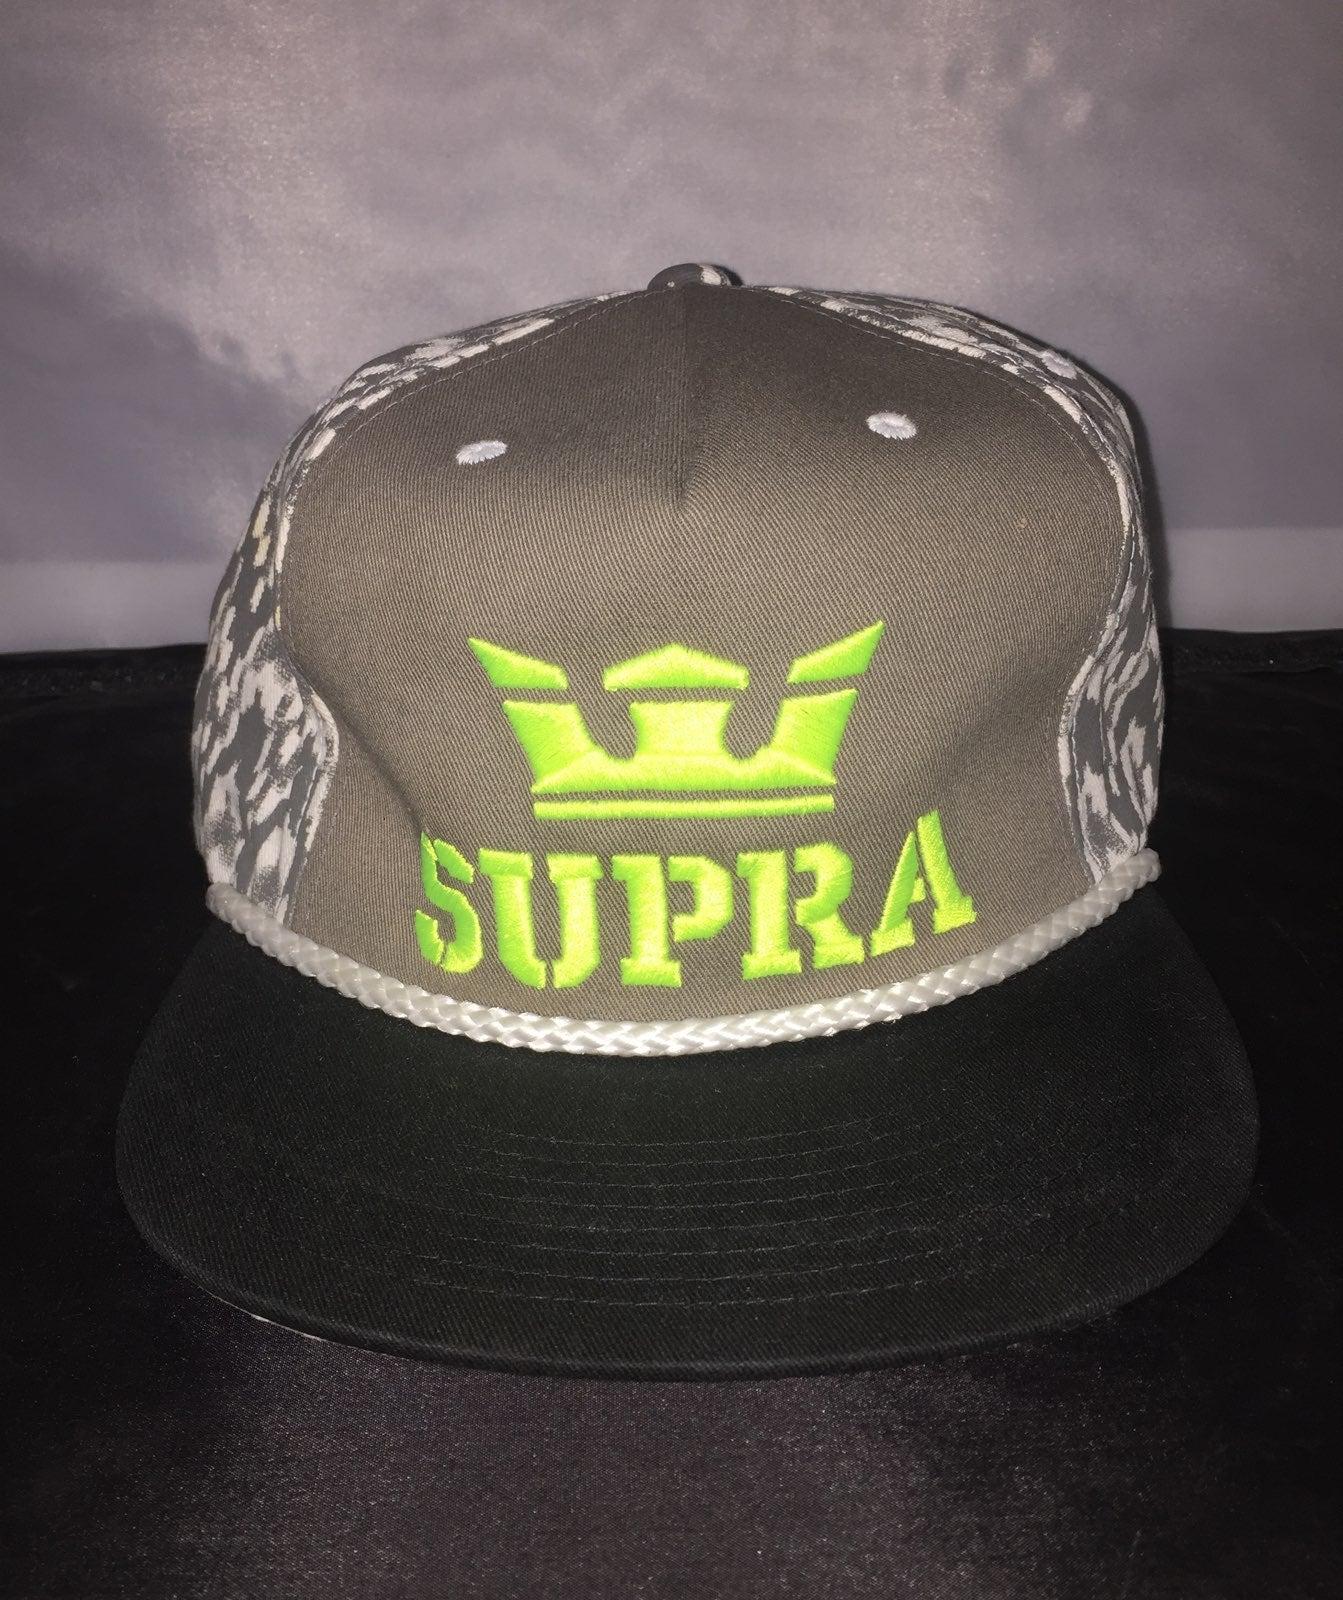 Supra snapback